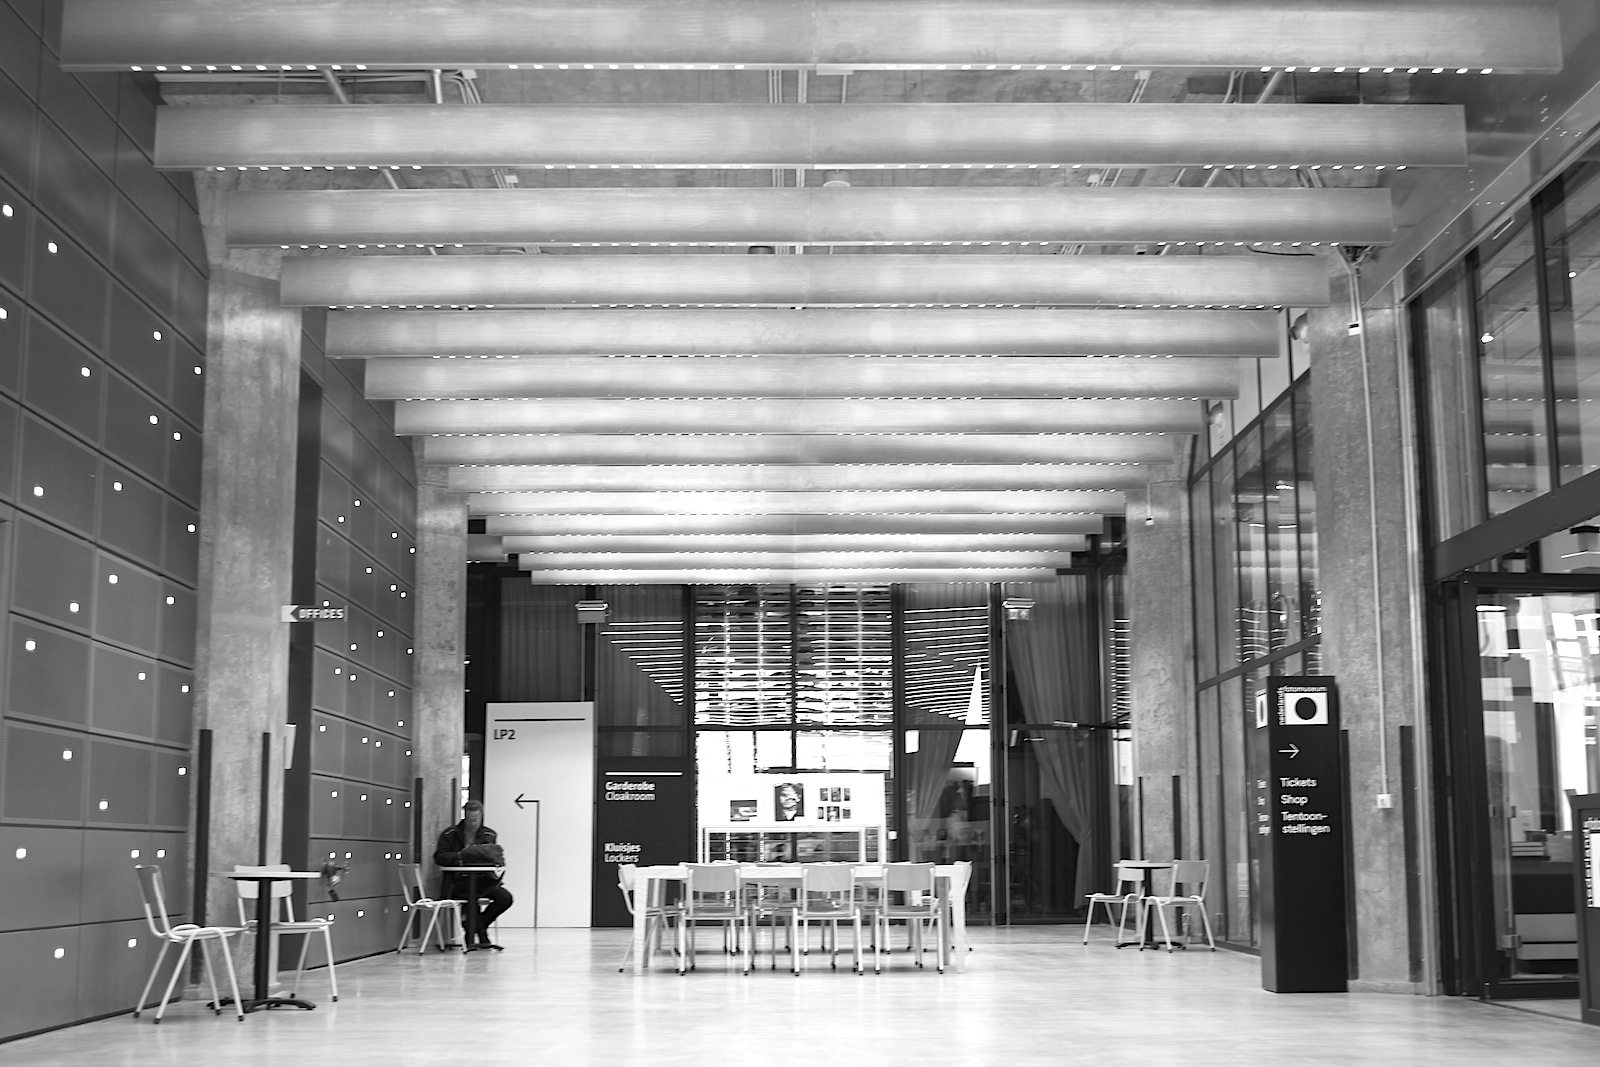 Nederlands Fotomuseum. Das ehemalige Lagerhaus wurde vom niederländischen Architekturbüro Benthem Crouwel saniert und umgebaut.